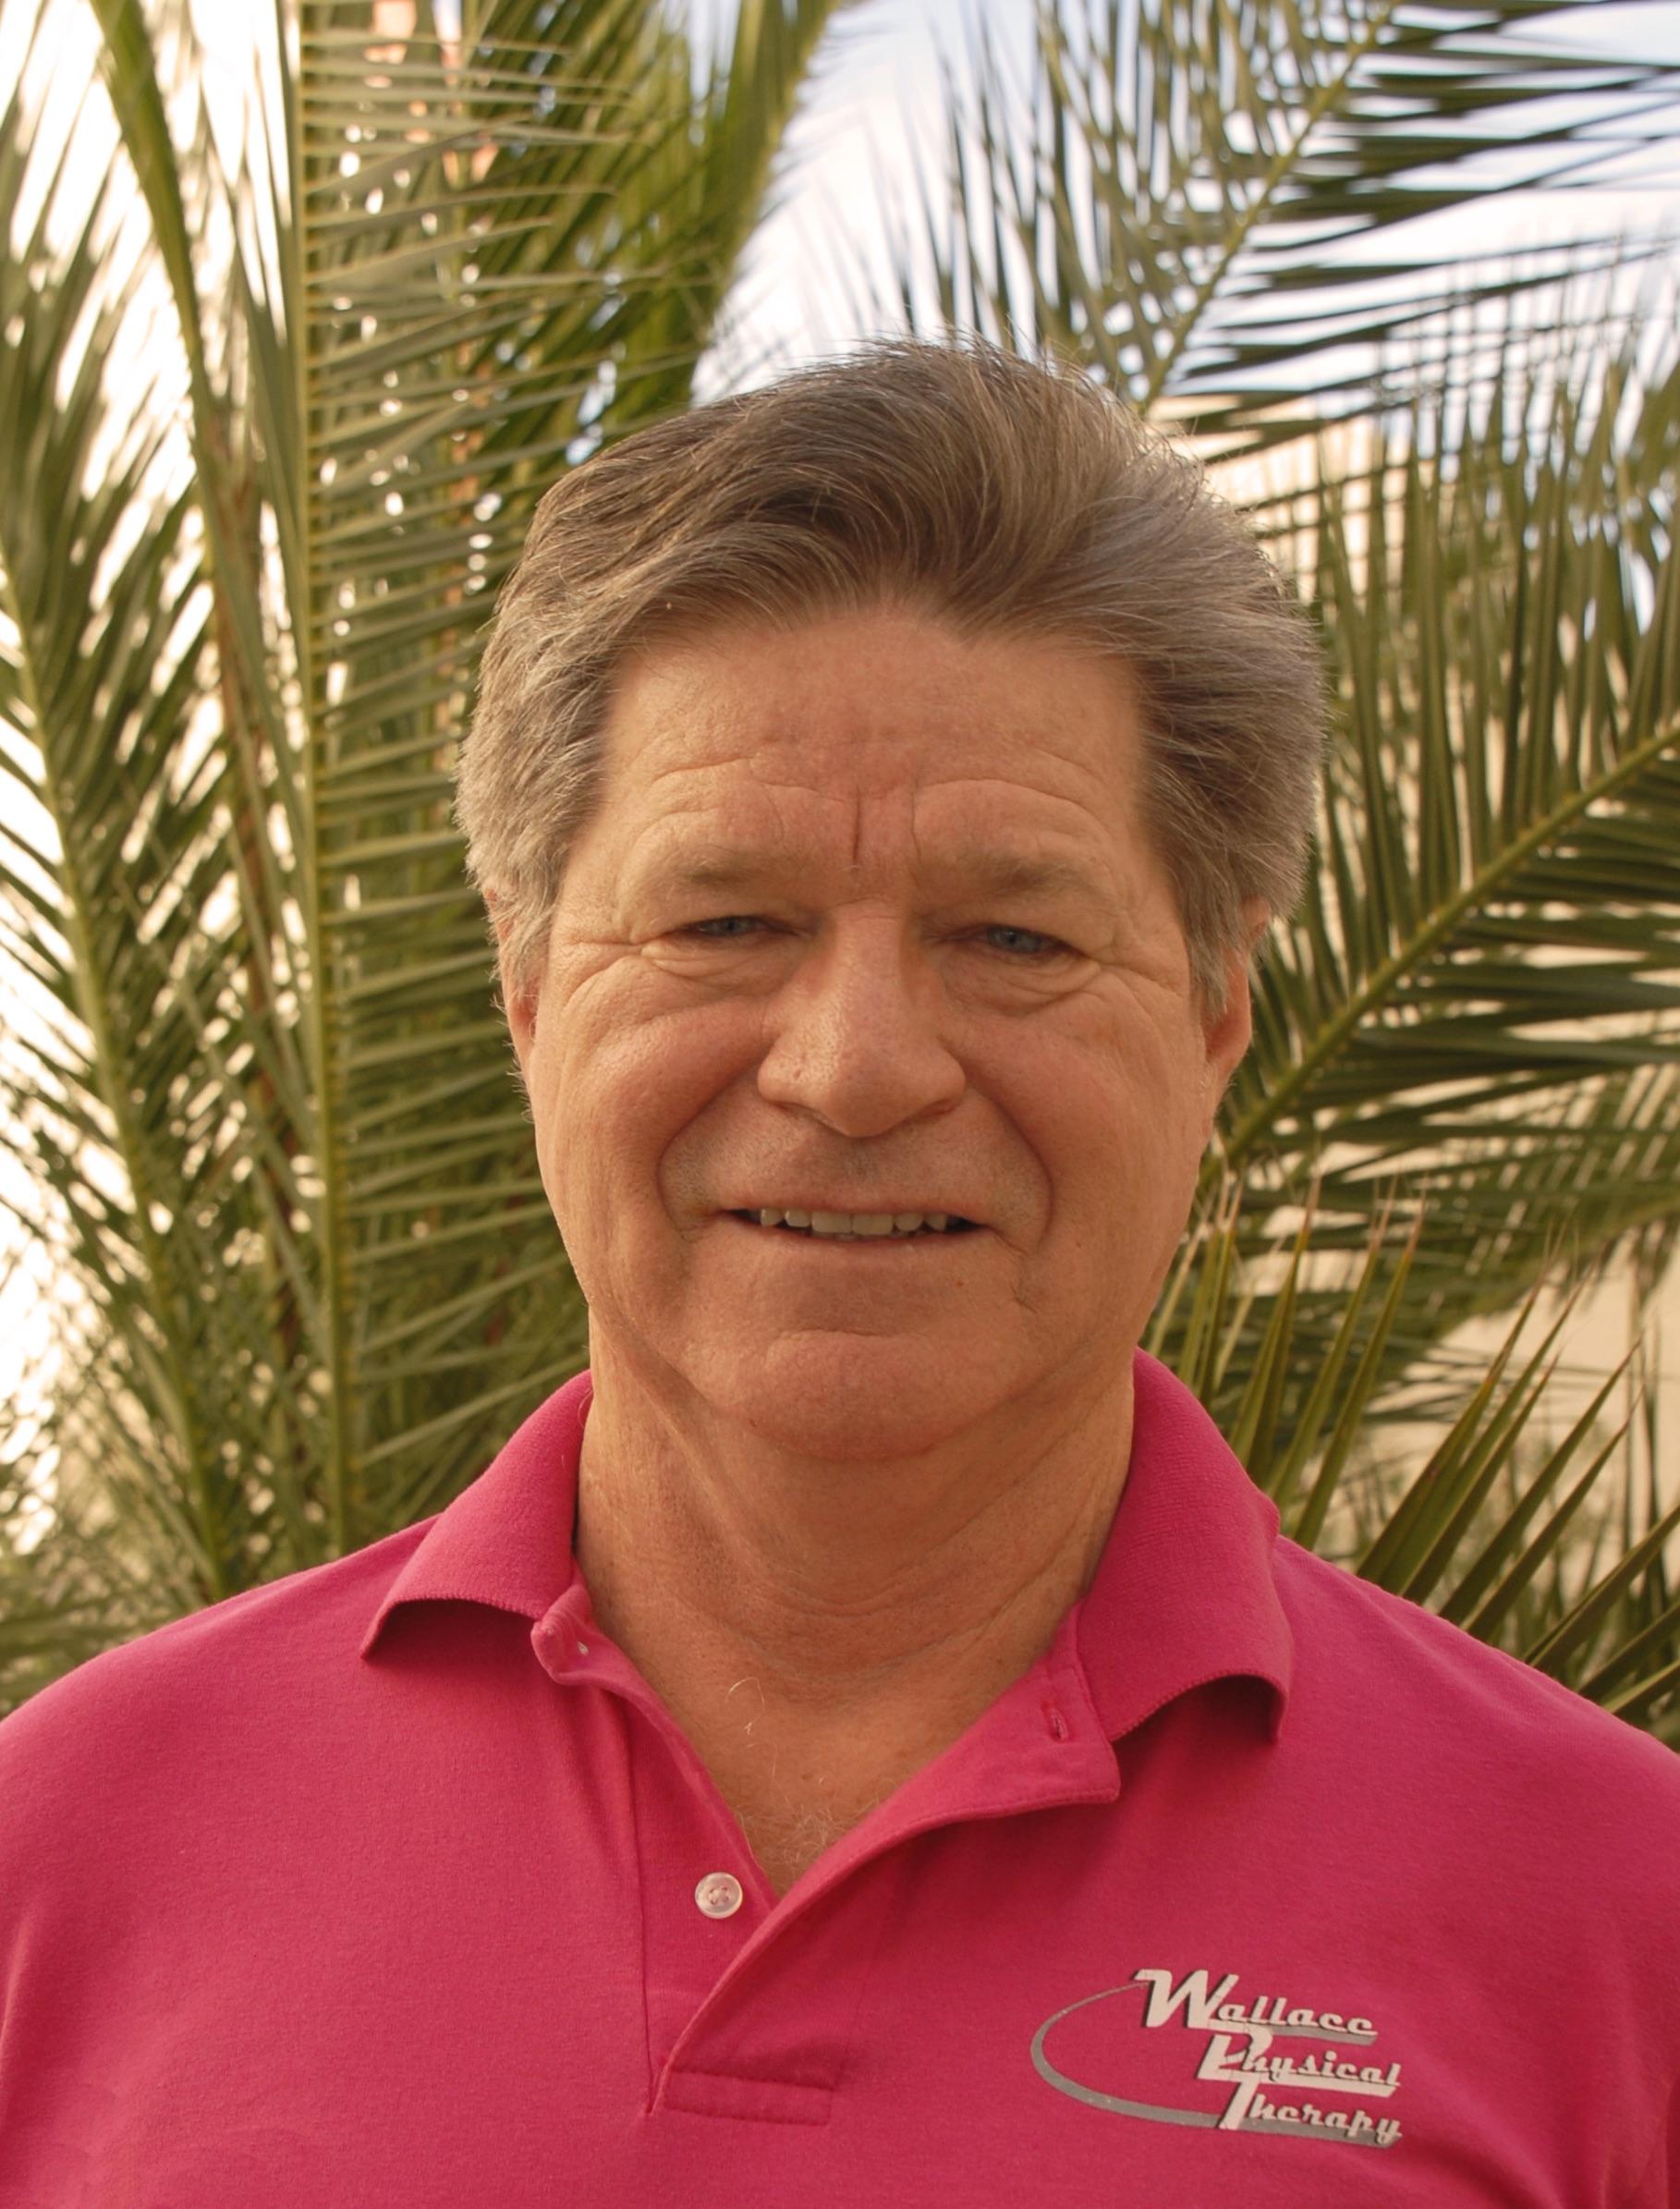 Robert D. Wallace P.T.